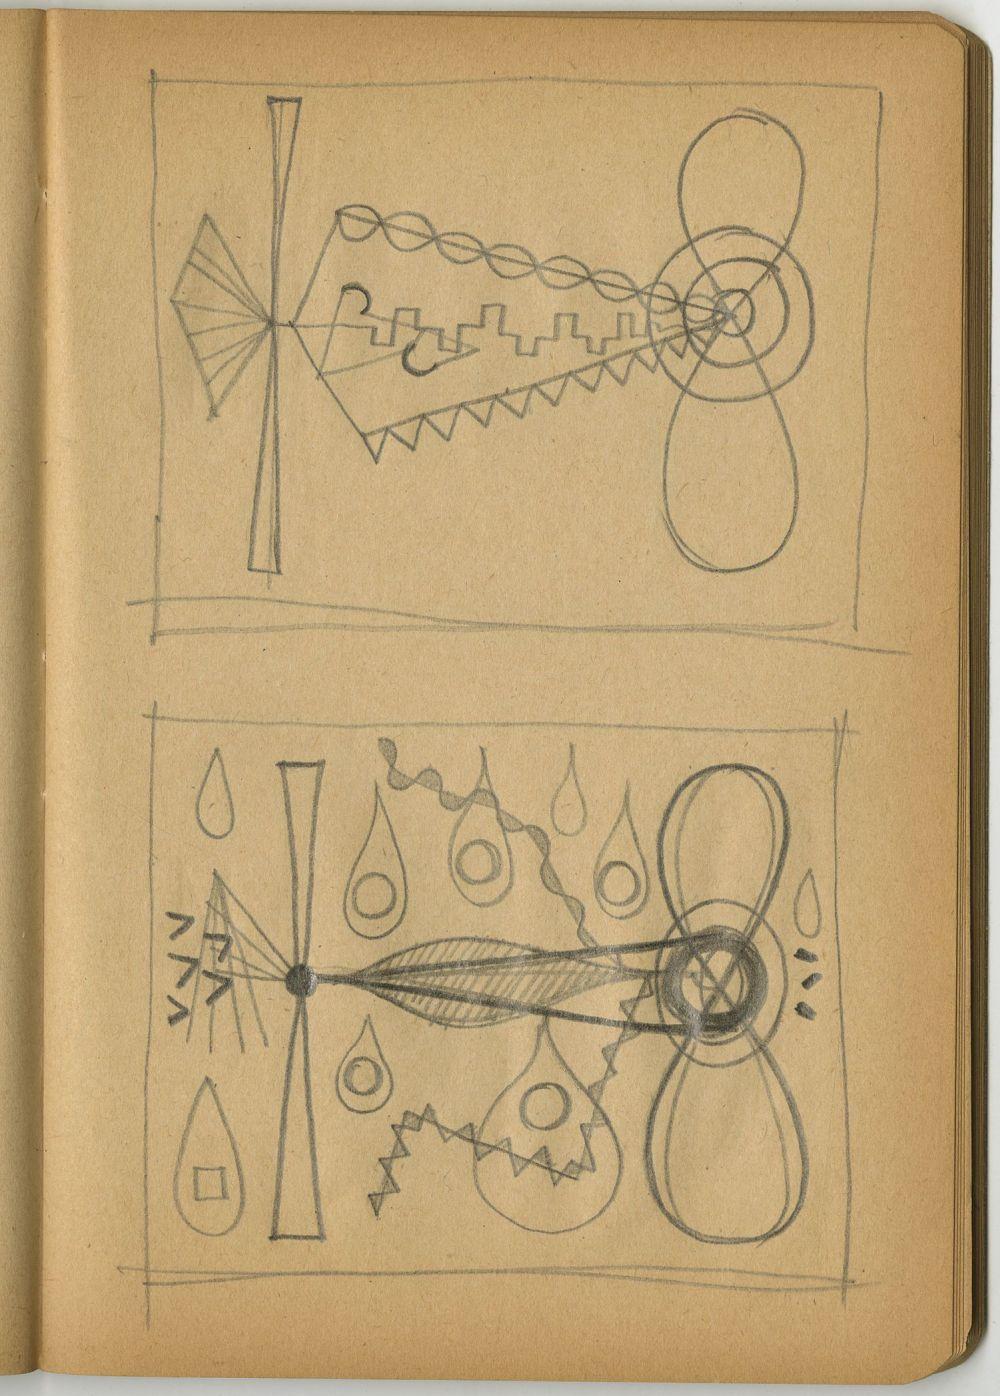 G39378(142)<br/><b>Cím:</b> Cím nélkül<br/><b>Méret (cm):</b> 17,3x11,5<br/><b>Készült:</b> 1948.<br/><b>Technika:</b> ceruza<br/>